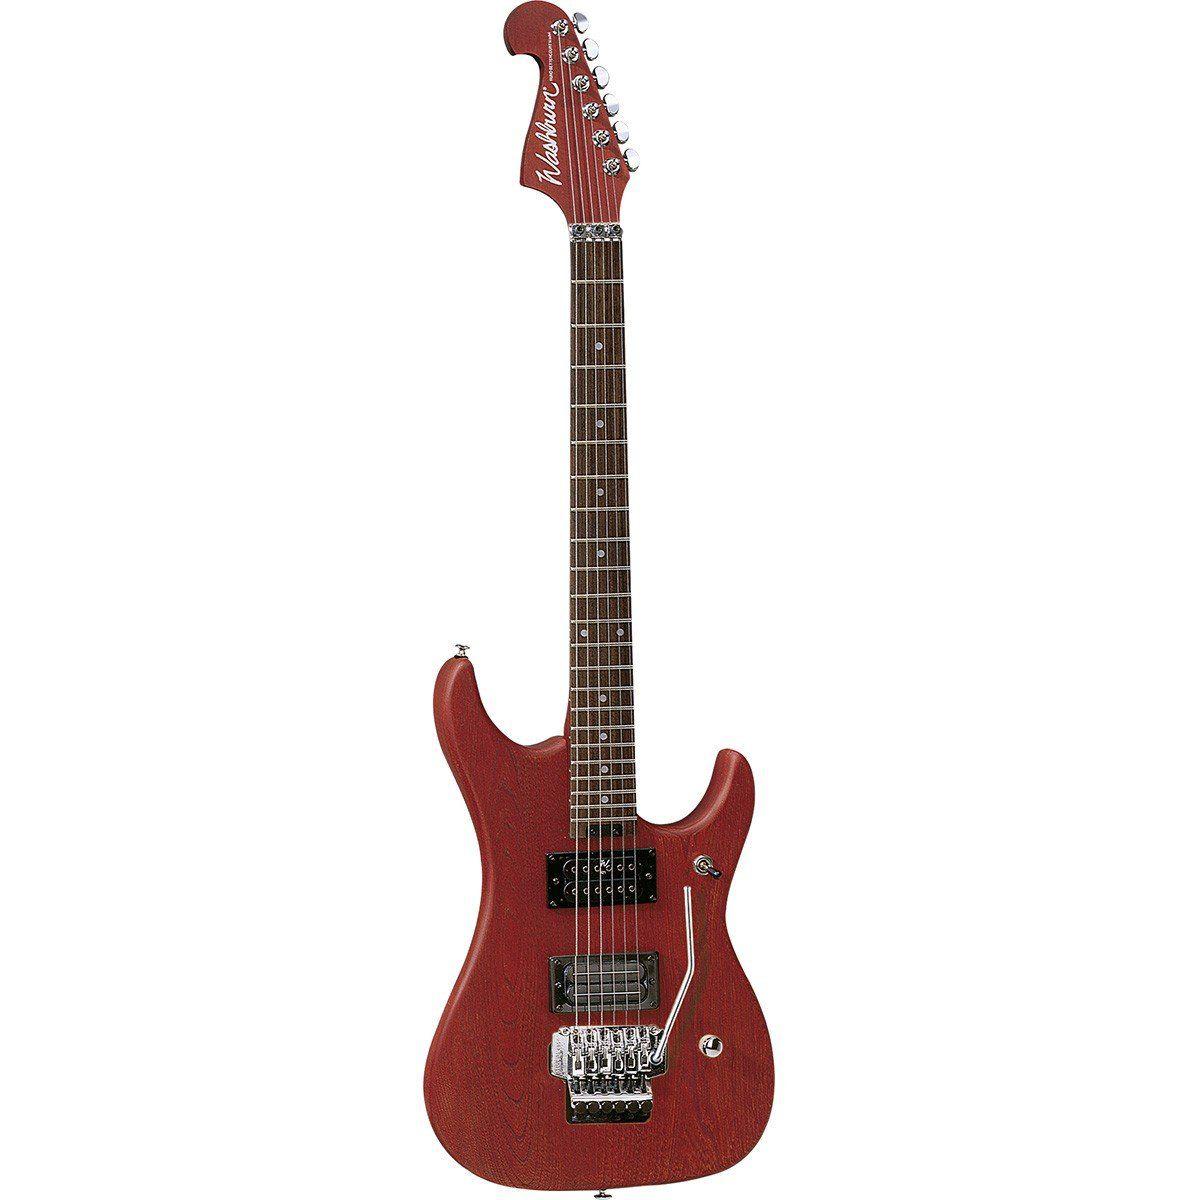 Washburn N2 Guitarra Nuno Bettencourt com Bag para Pequenas Apresentações